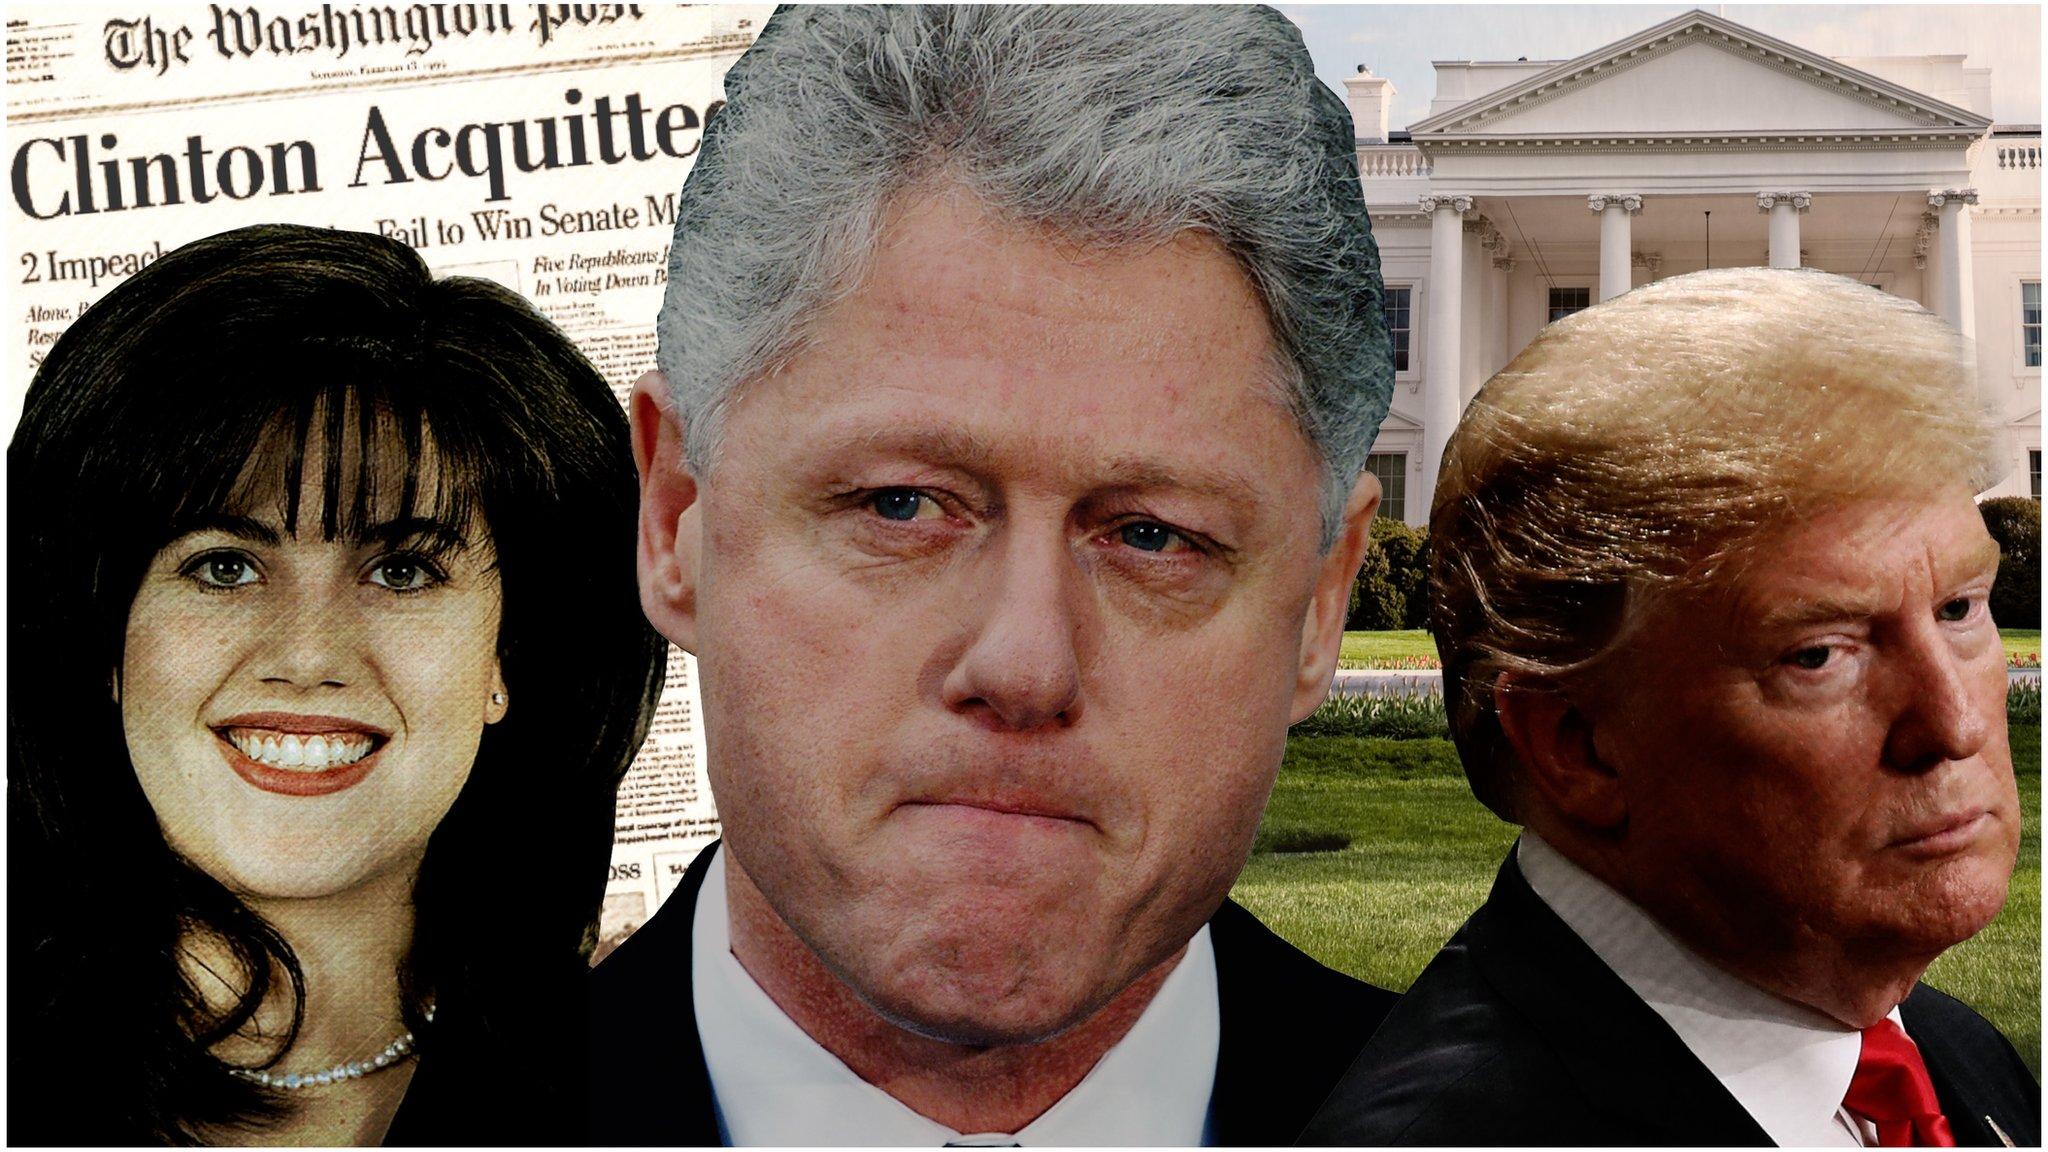 Por Qué El Escándalo Sexual Entre Bill Clinton Y Monica Lewinsky Facilitó La Elección De Donald Trump Bbc News Mundo